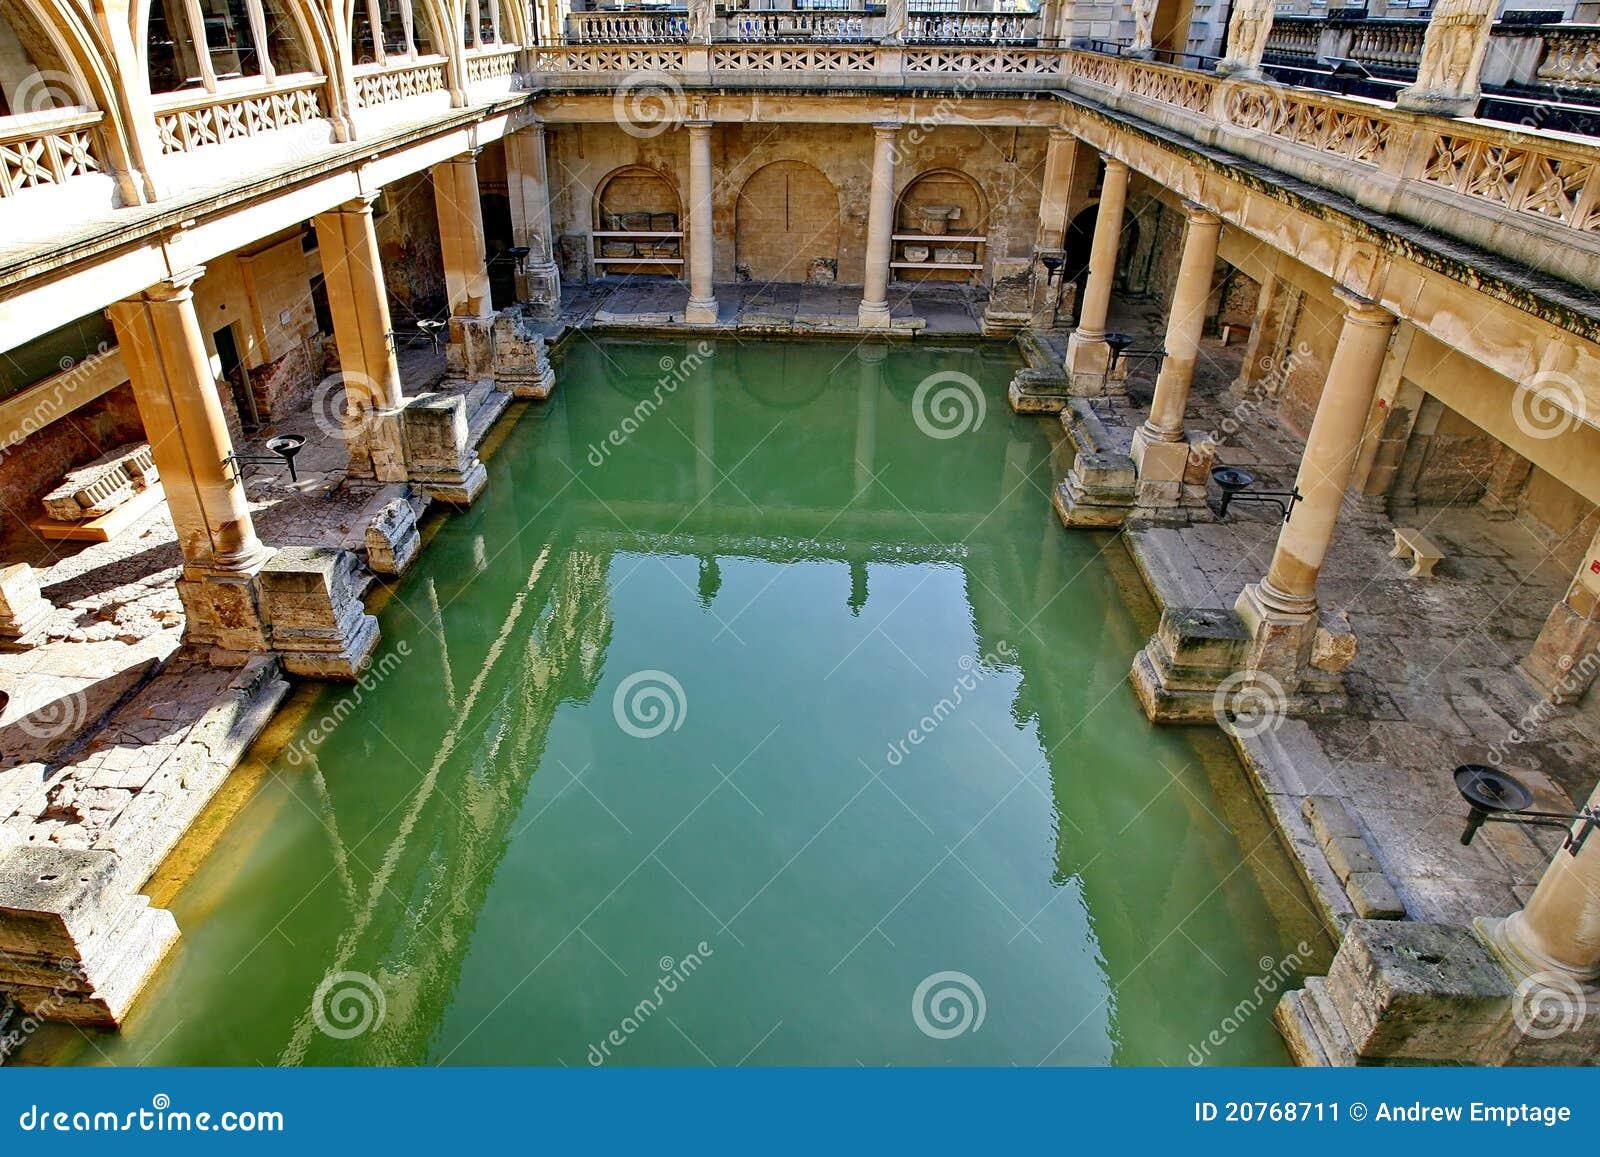 Baños Romanos Luisiana:Roman Baths England